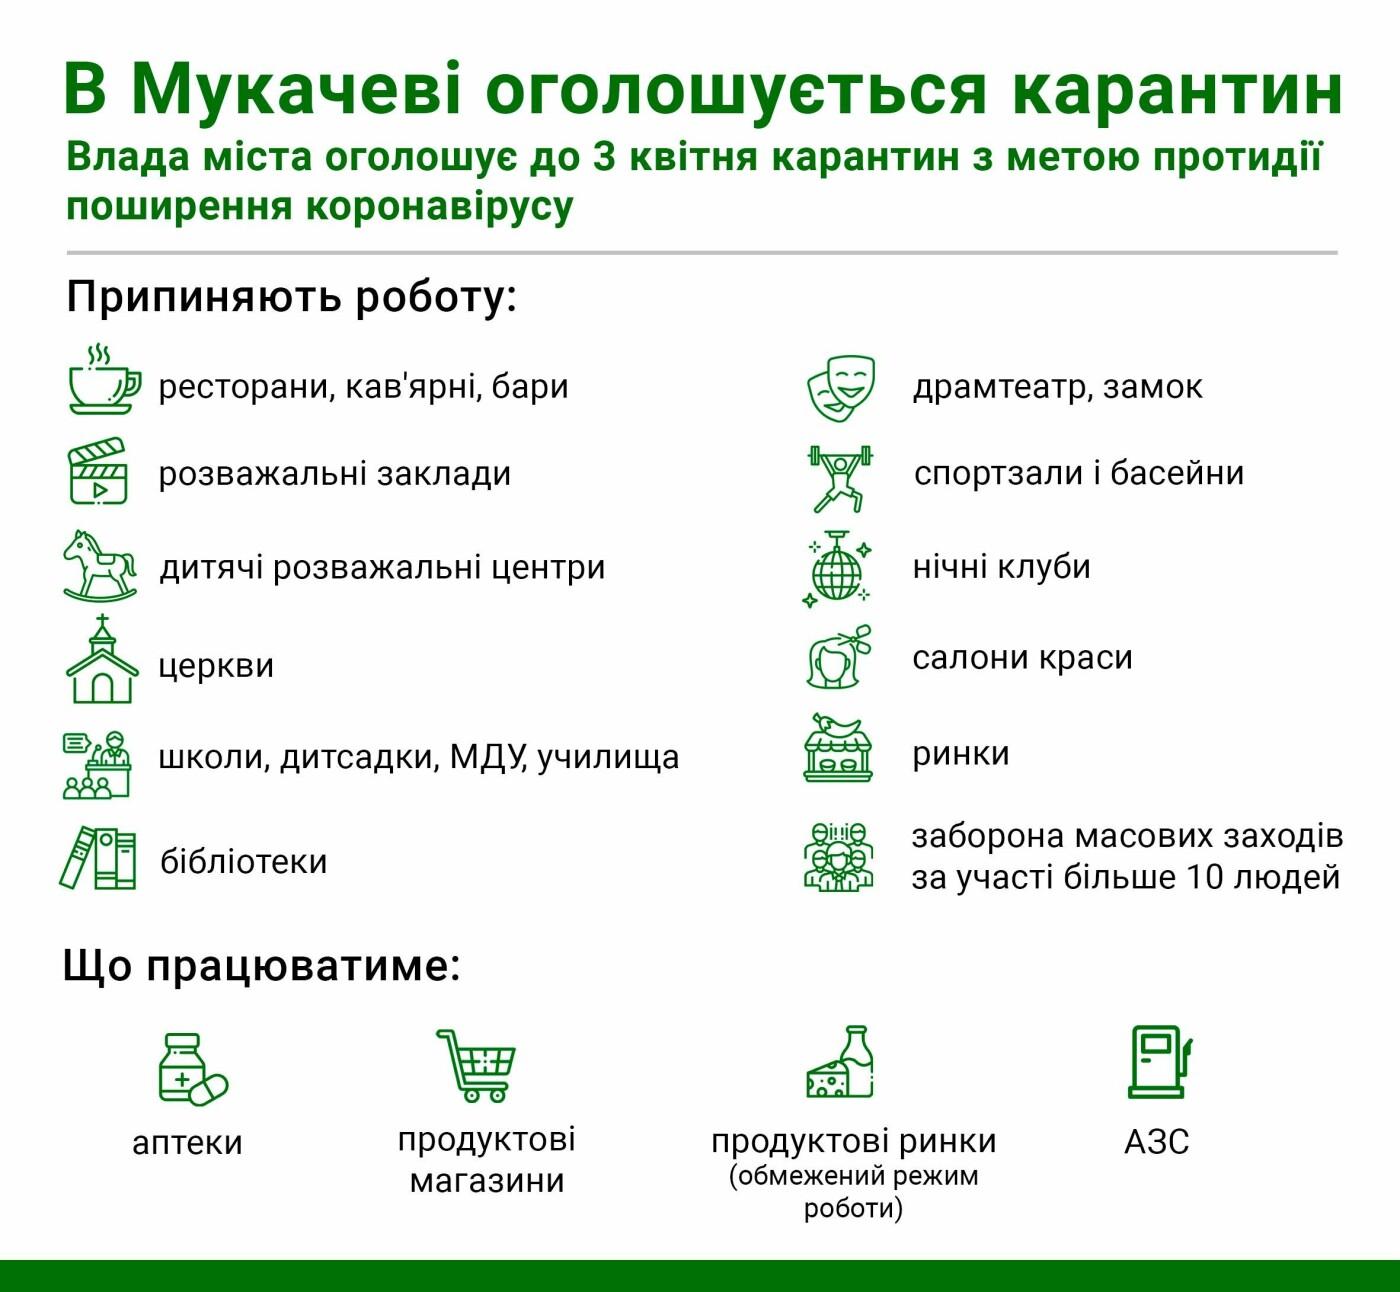 Слідом на Ужгородом: Мукачево також закриває всі заклади громадського харчування, фото-1